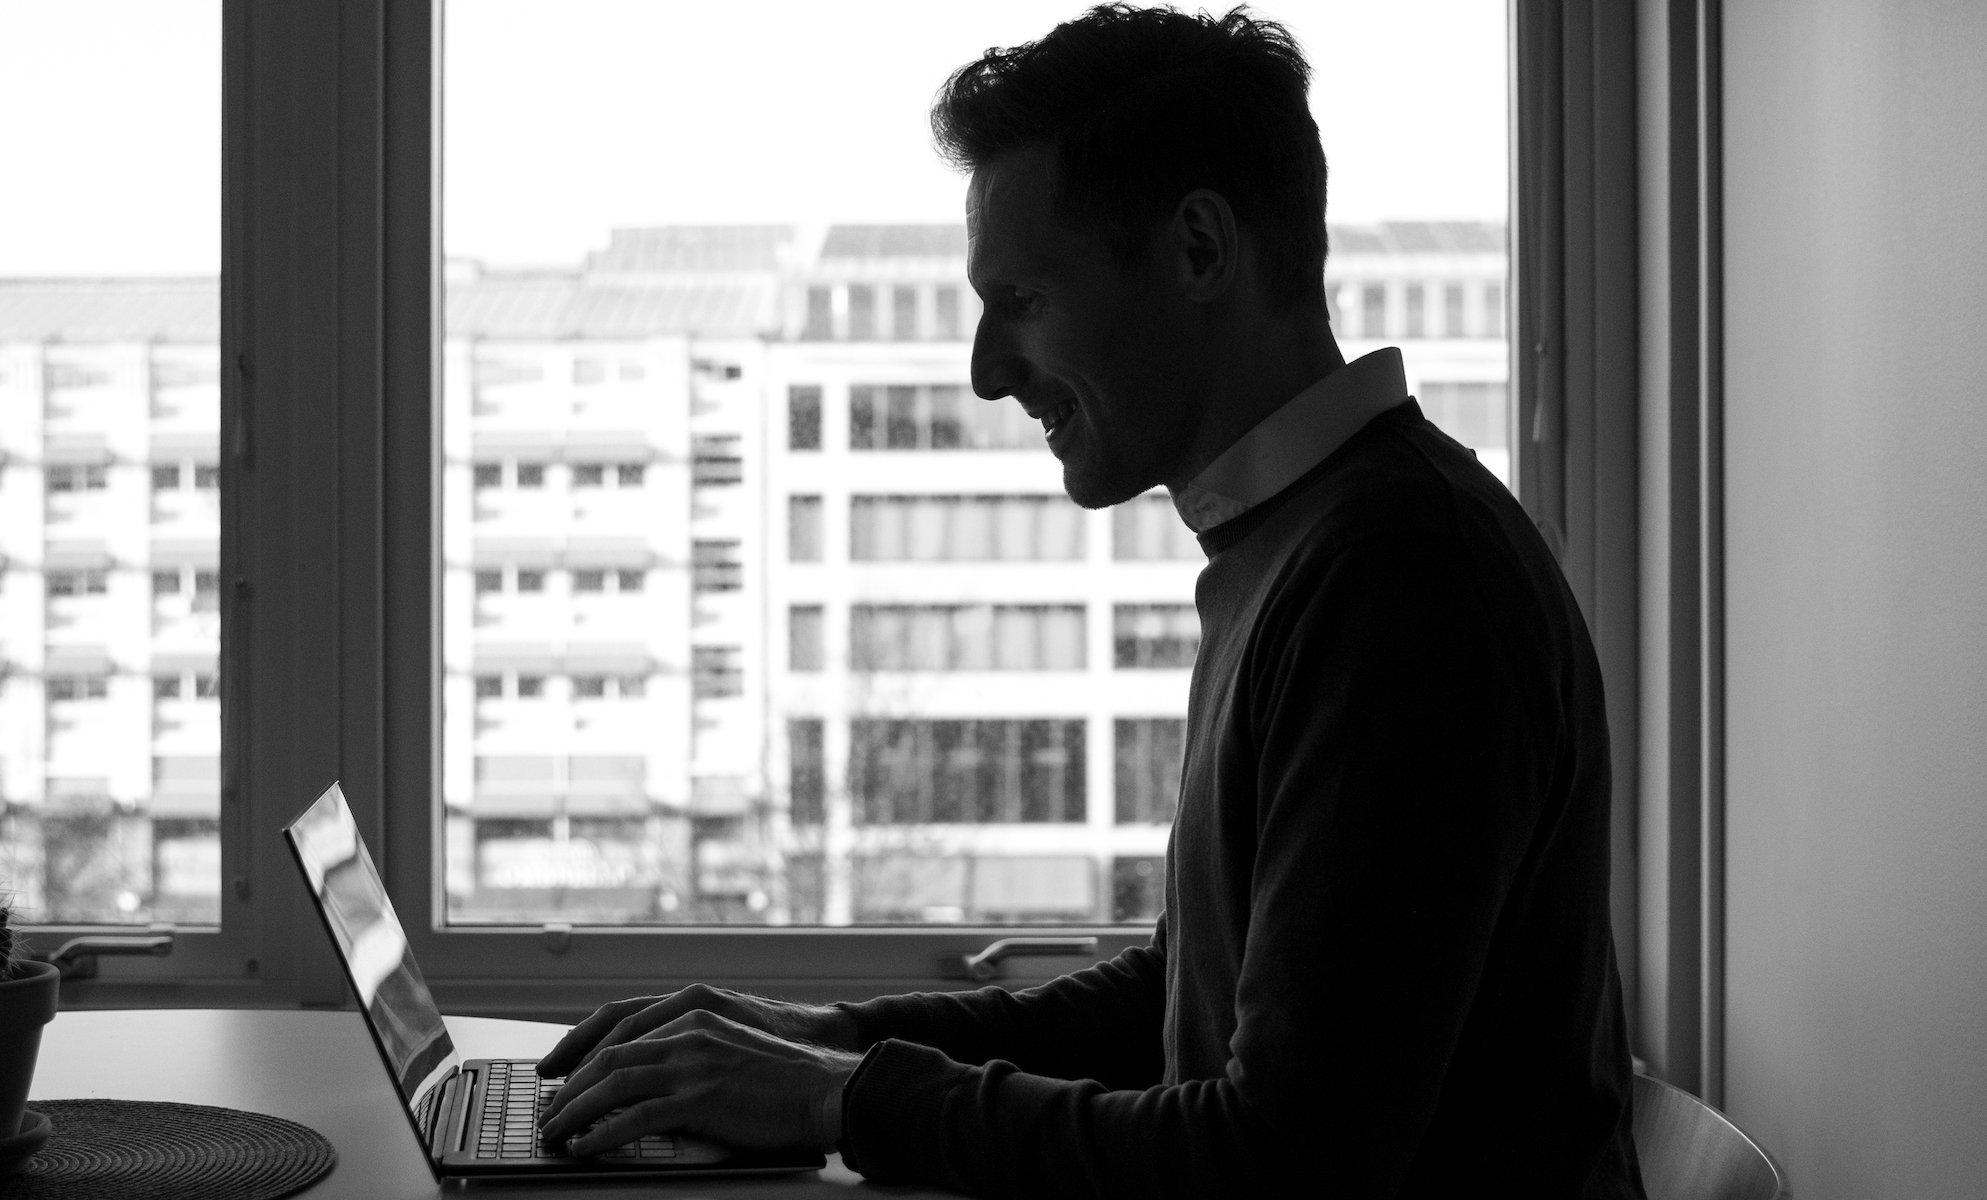 Business blogging: How often should you blog